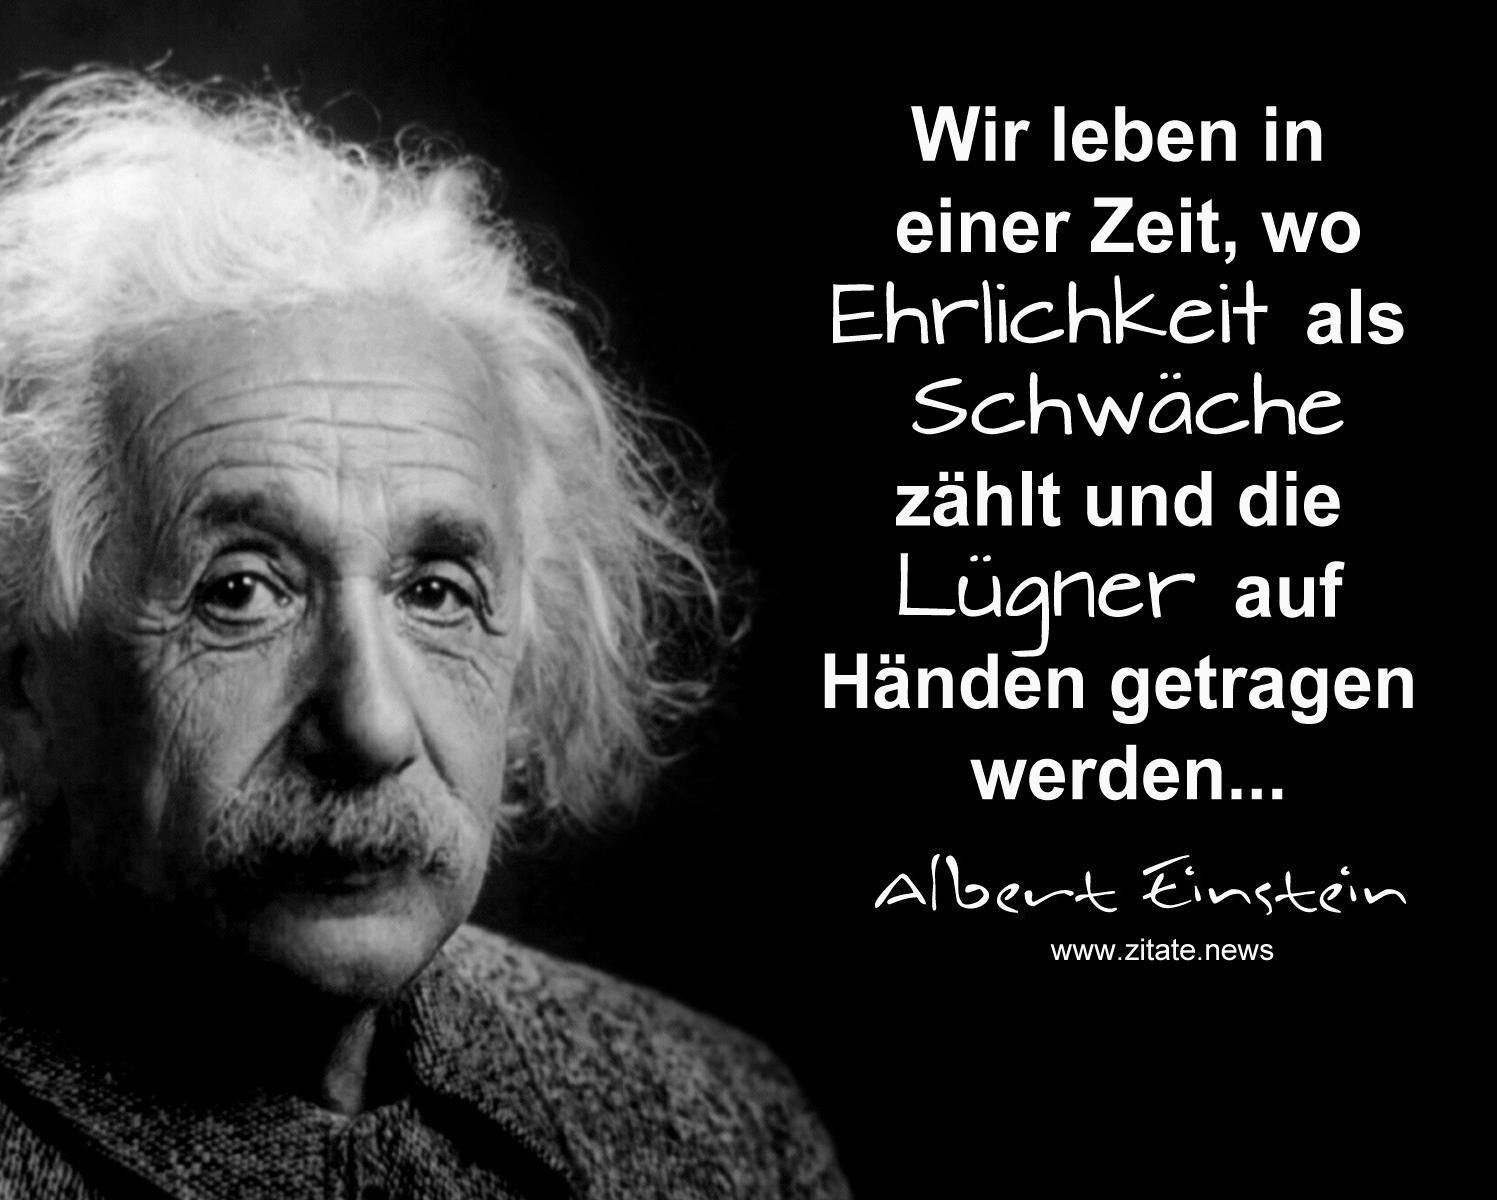 albert einstein sprüche Albert Einstein Zitate News   zitate.news albert einstein sprüche